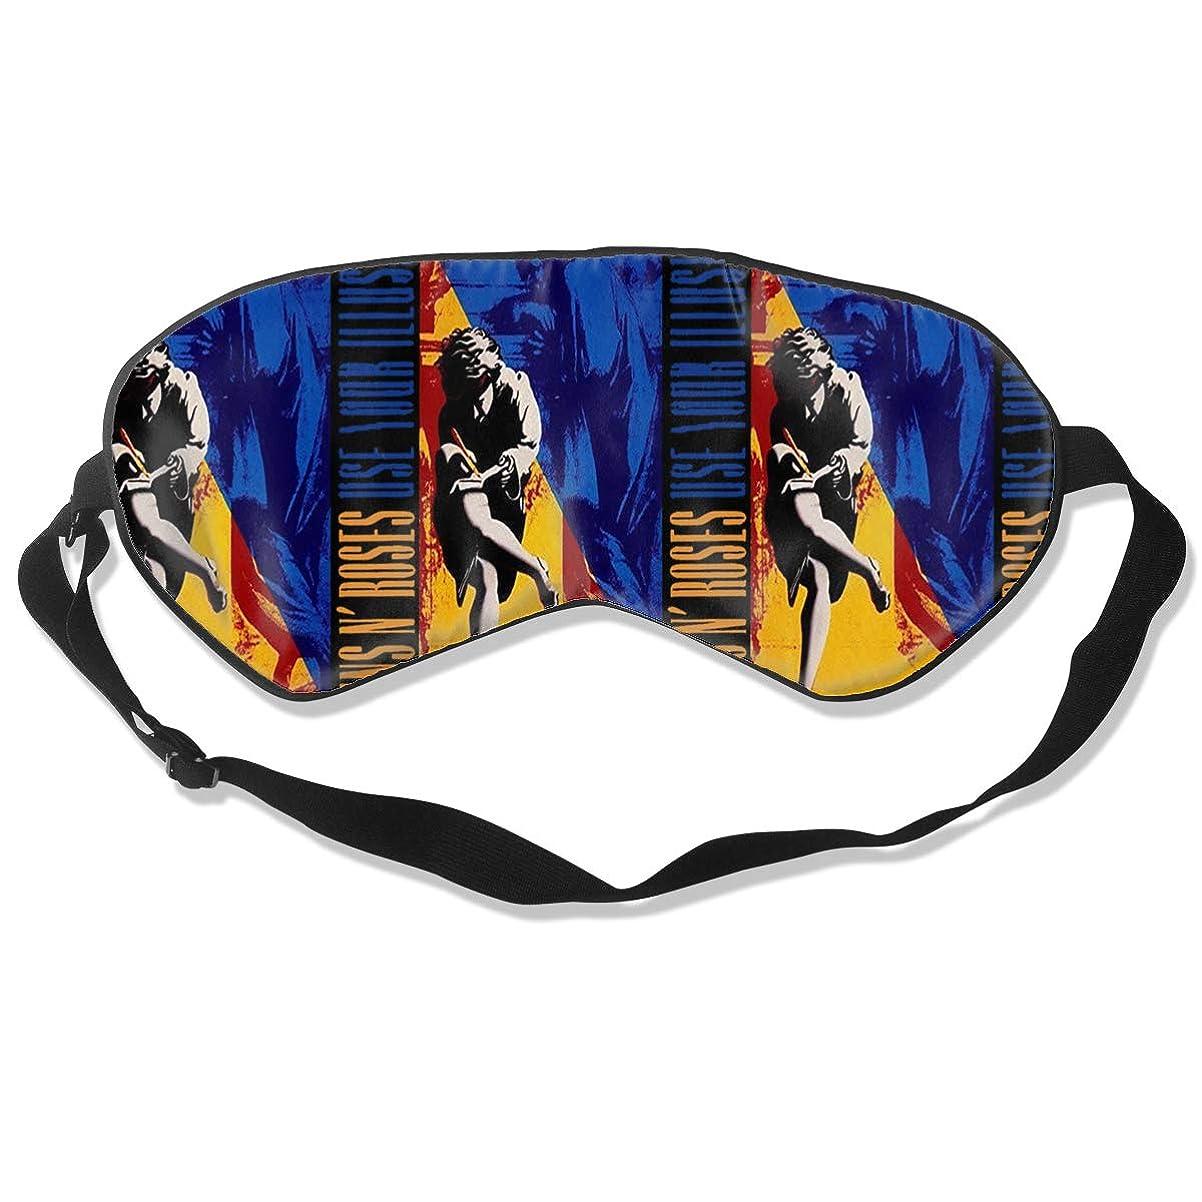 欠員クレデンシャル私たちアイマスク Guns N' Roses 睡眠対策、いびき軽減、眠りと目の疲れ、スーパーソフト、超滑らかな絹のような通気性